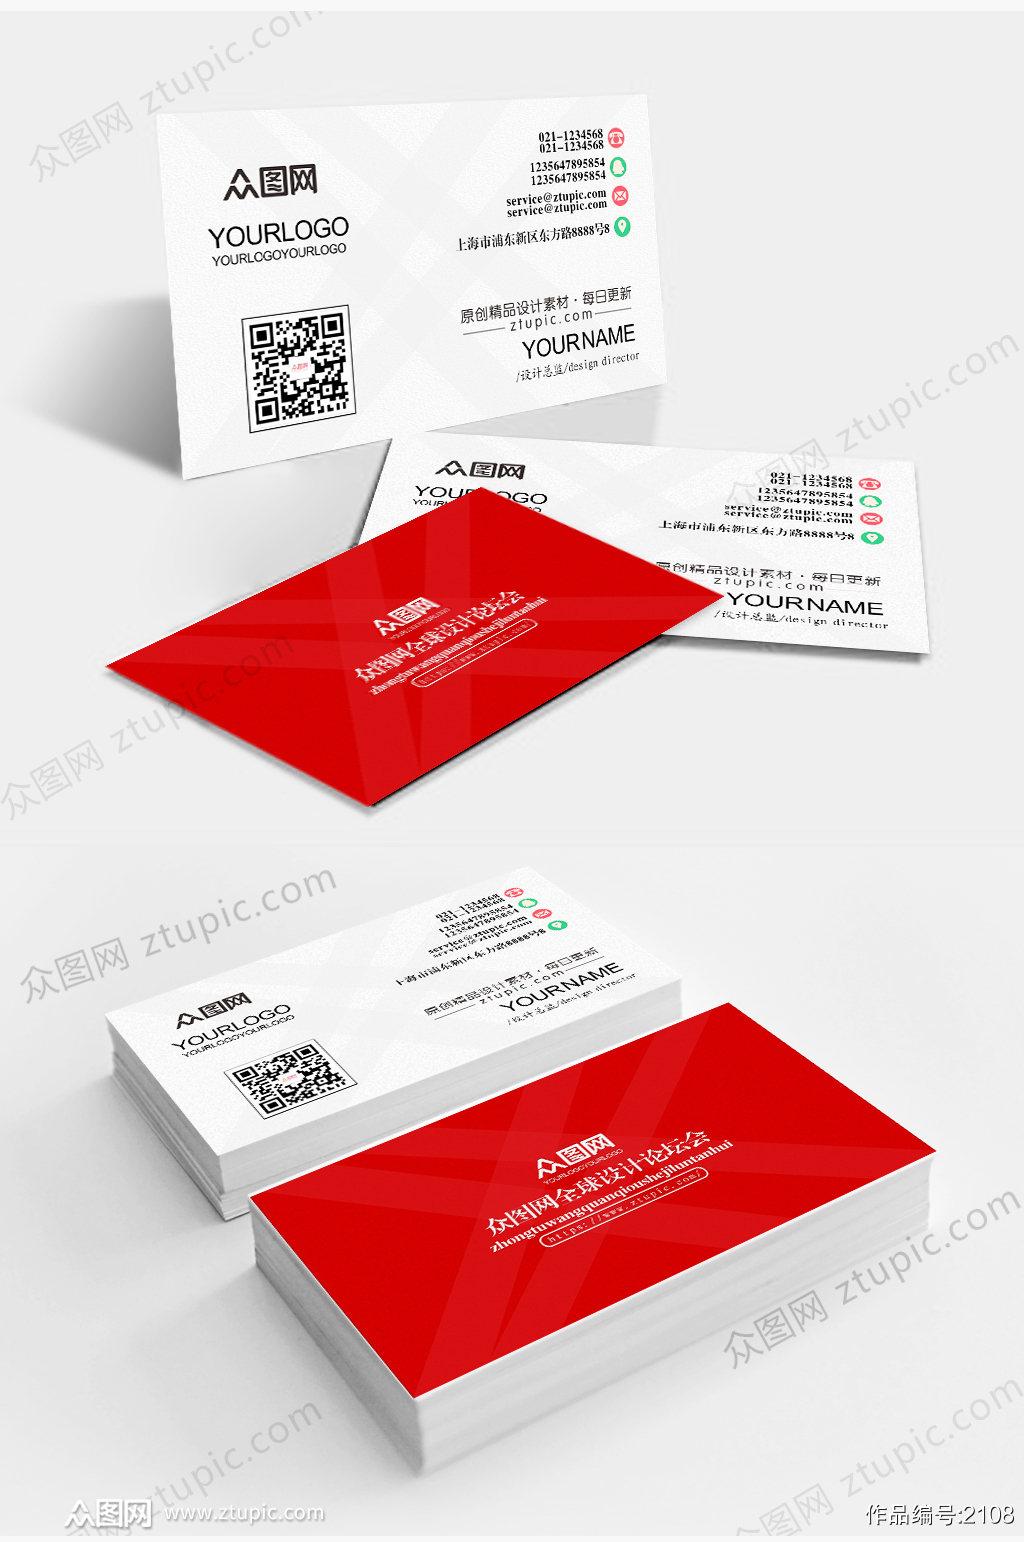 高端大气红色简约几何创意商务名片素材